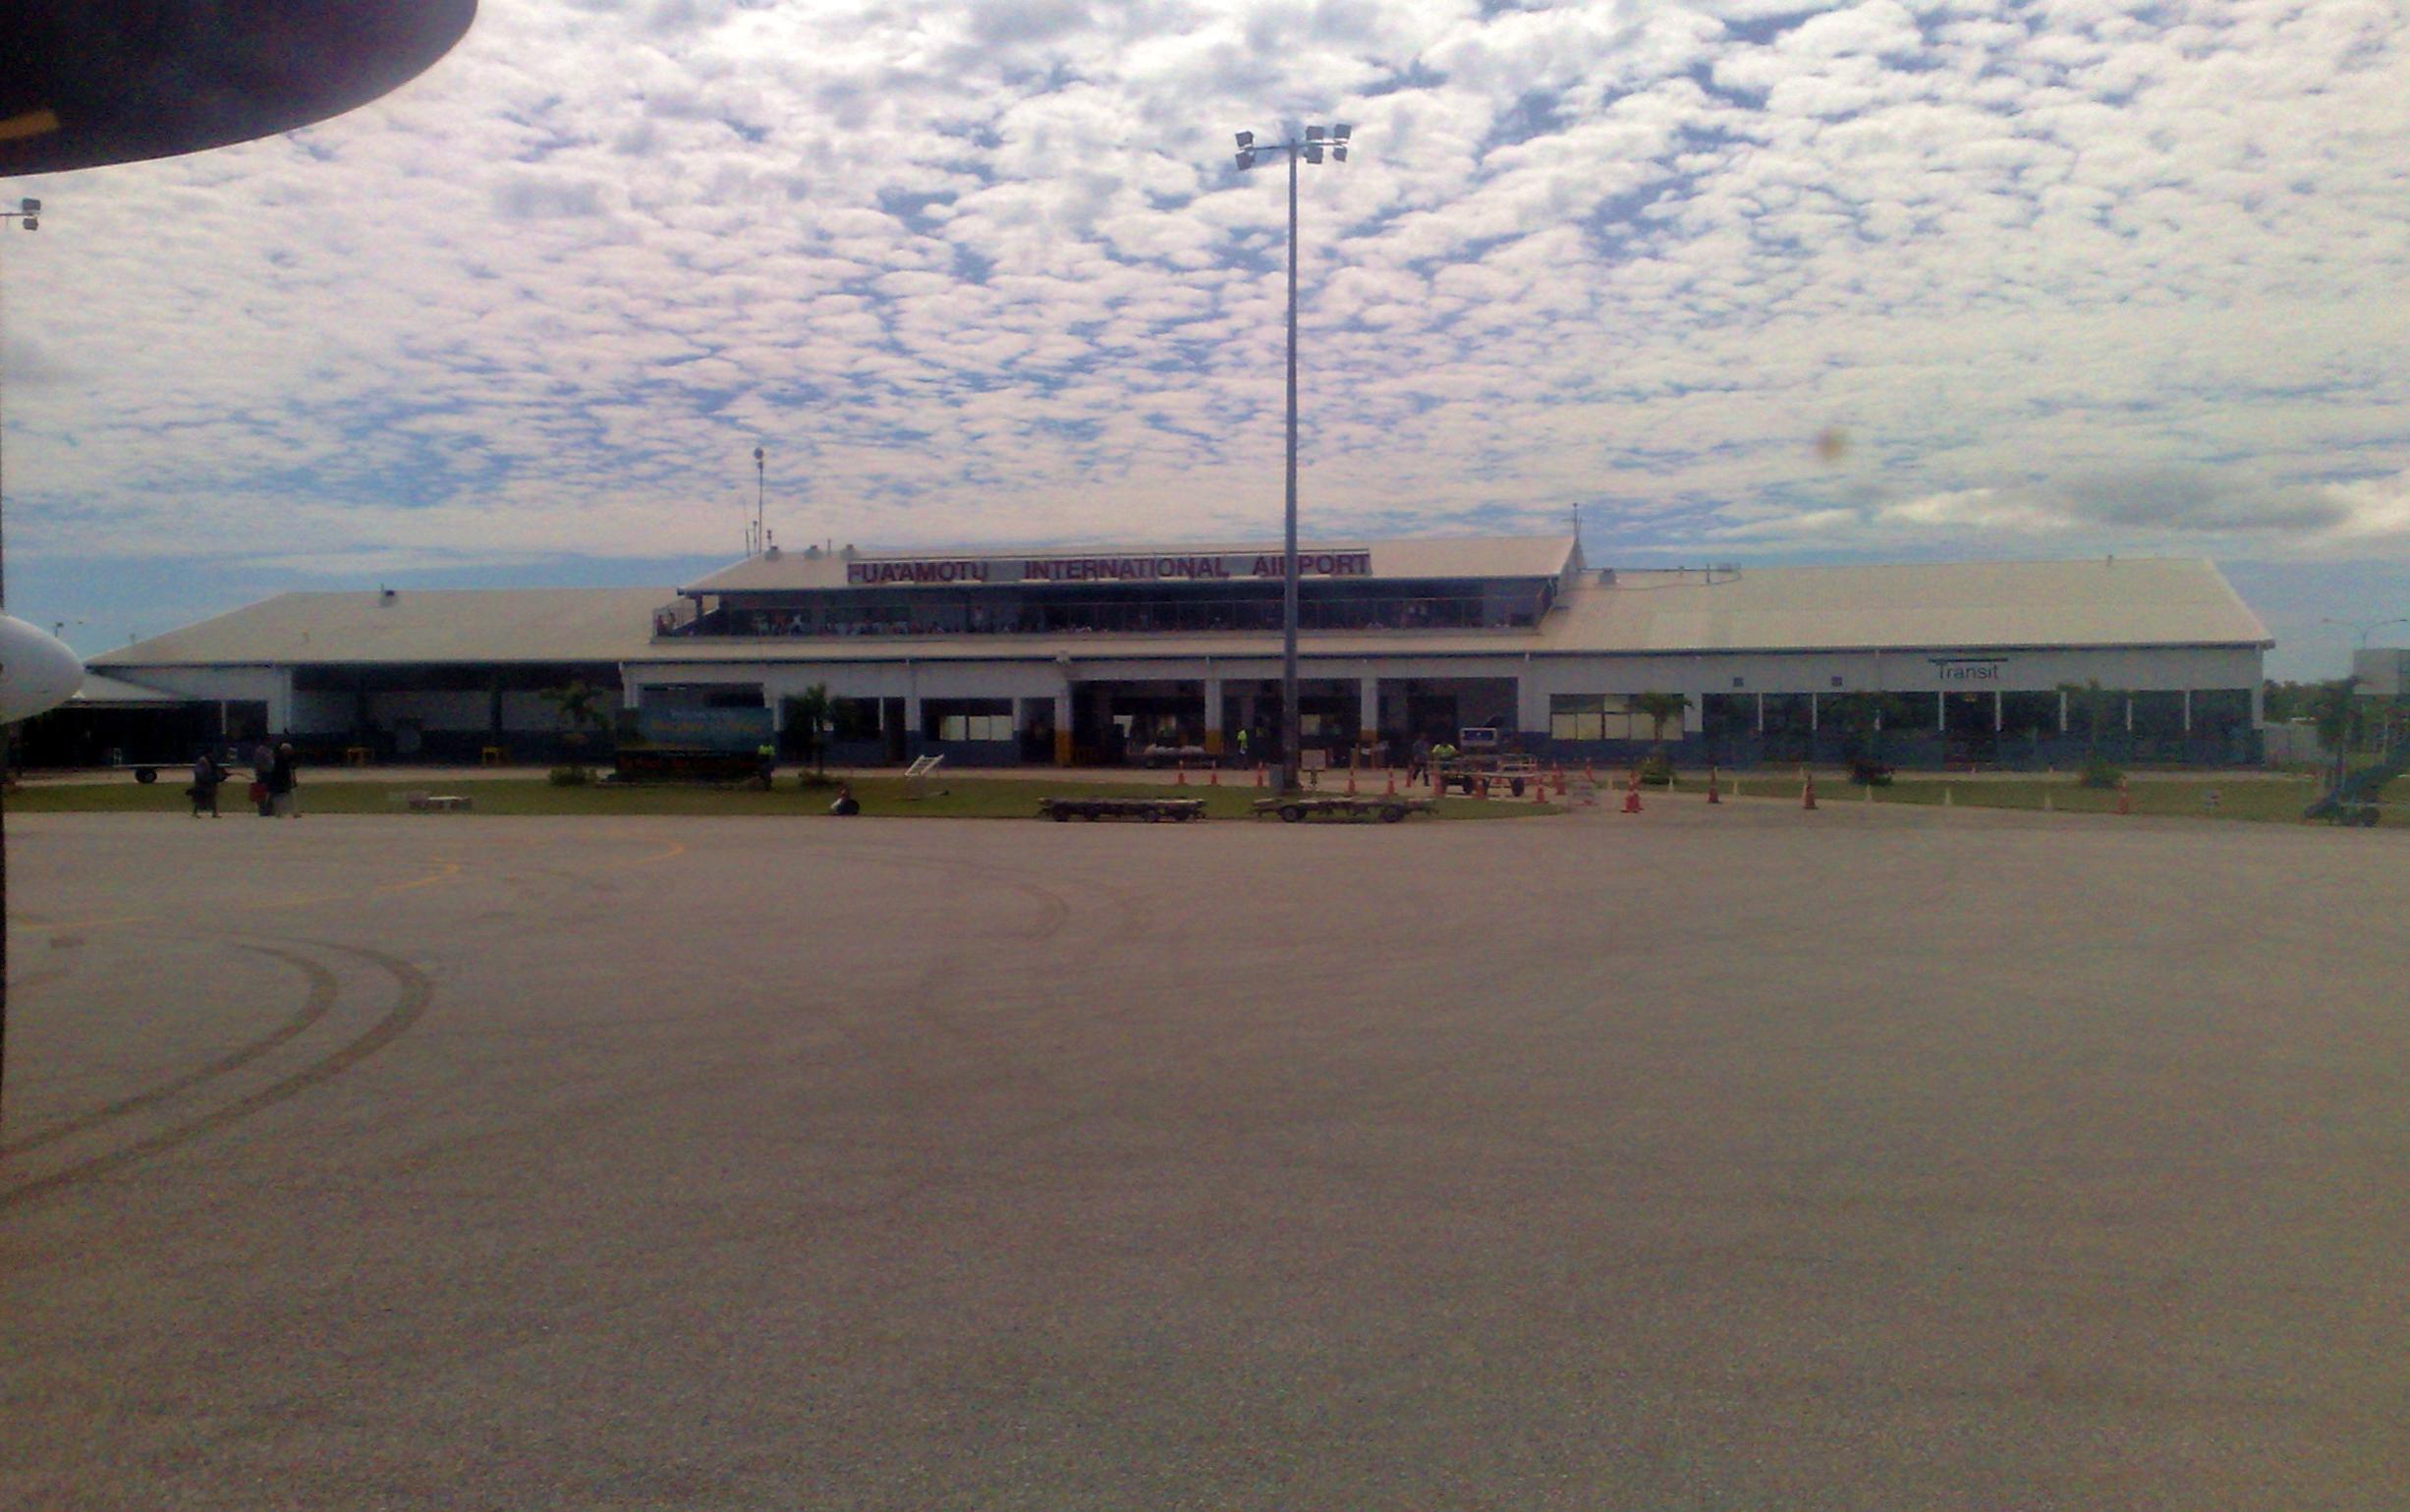 Міжнародний аеропорт Фуаамоту